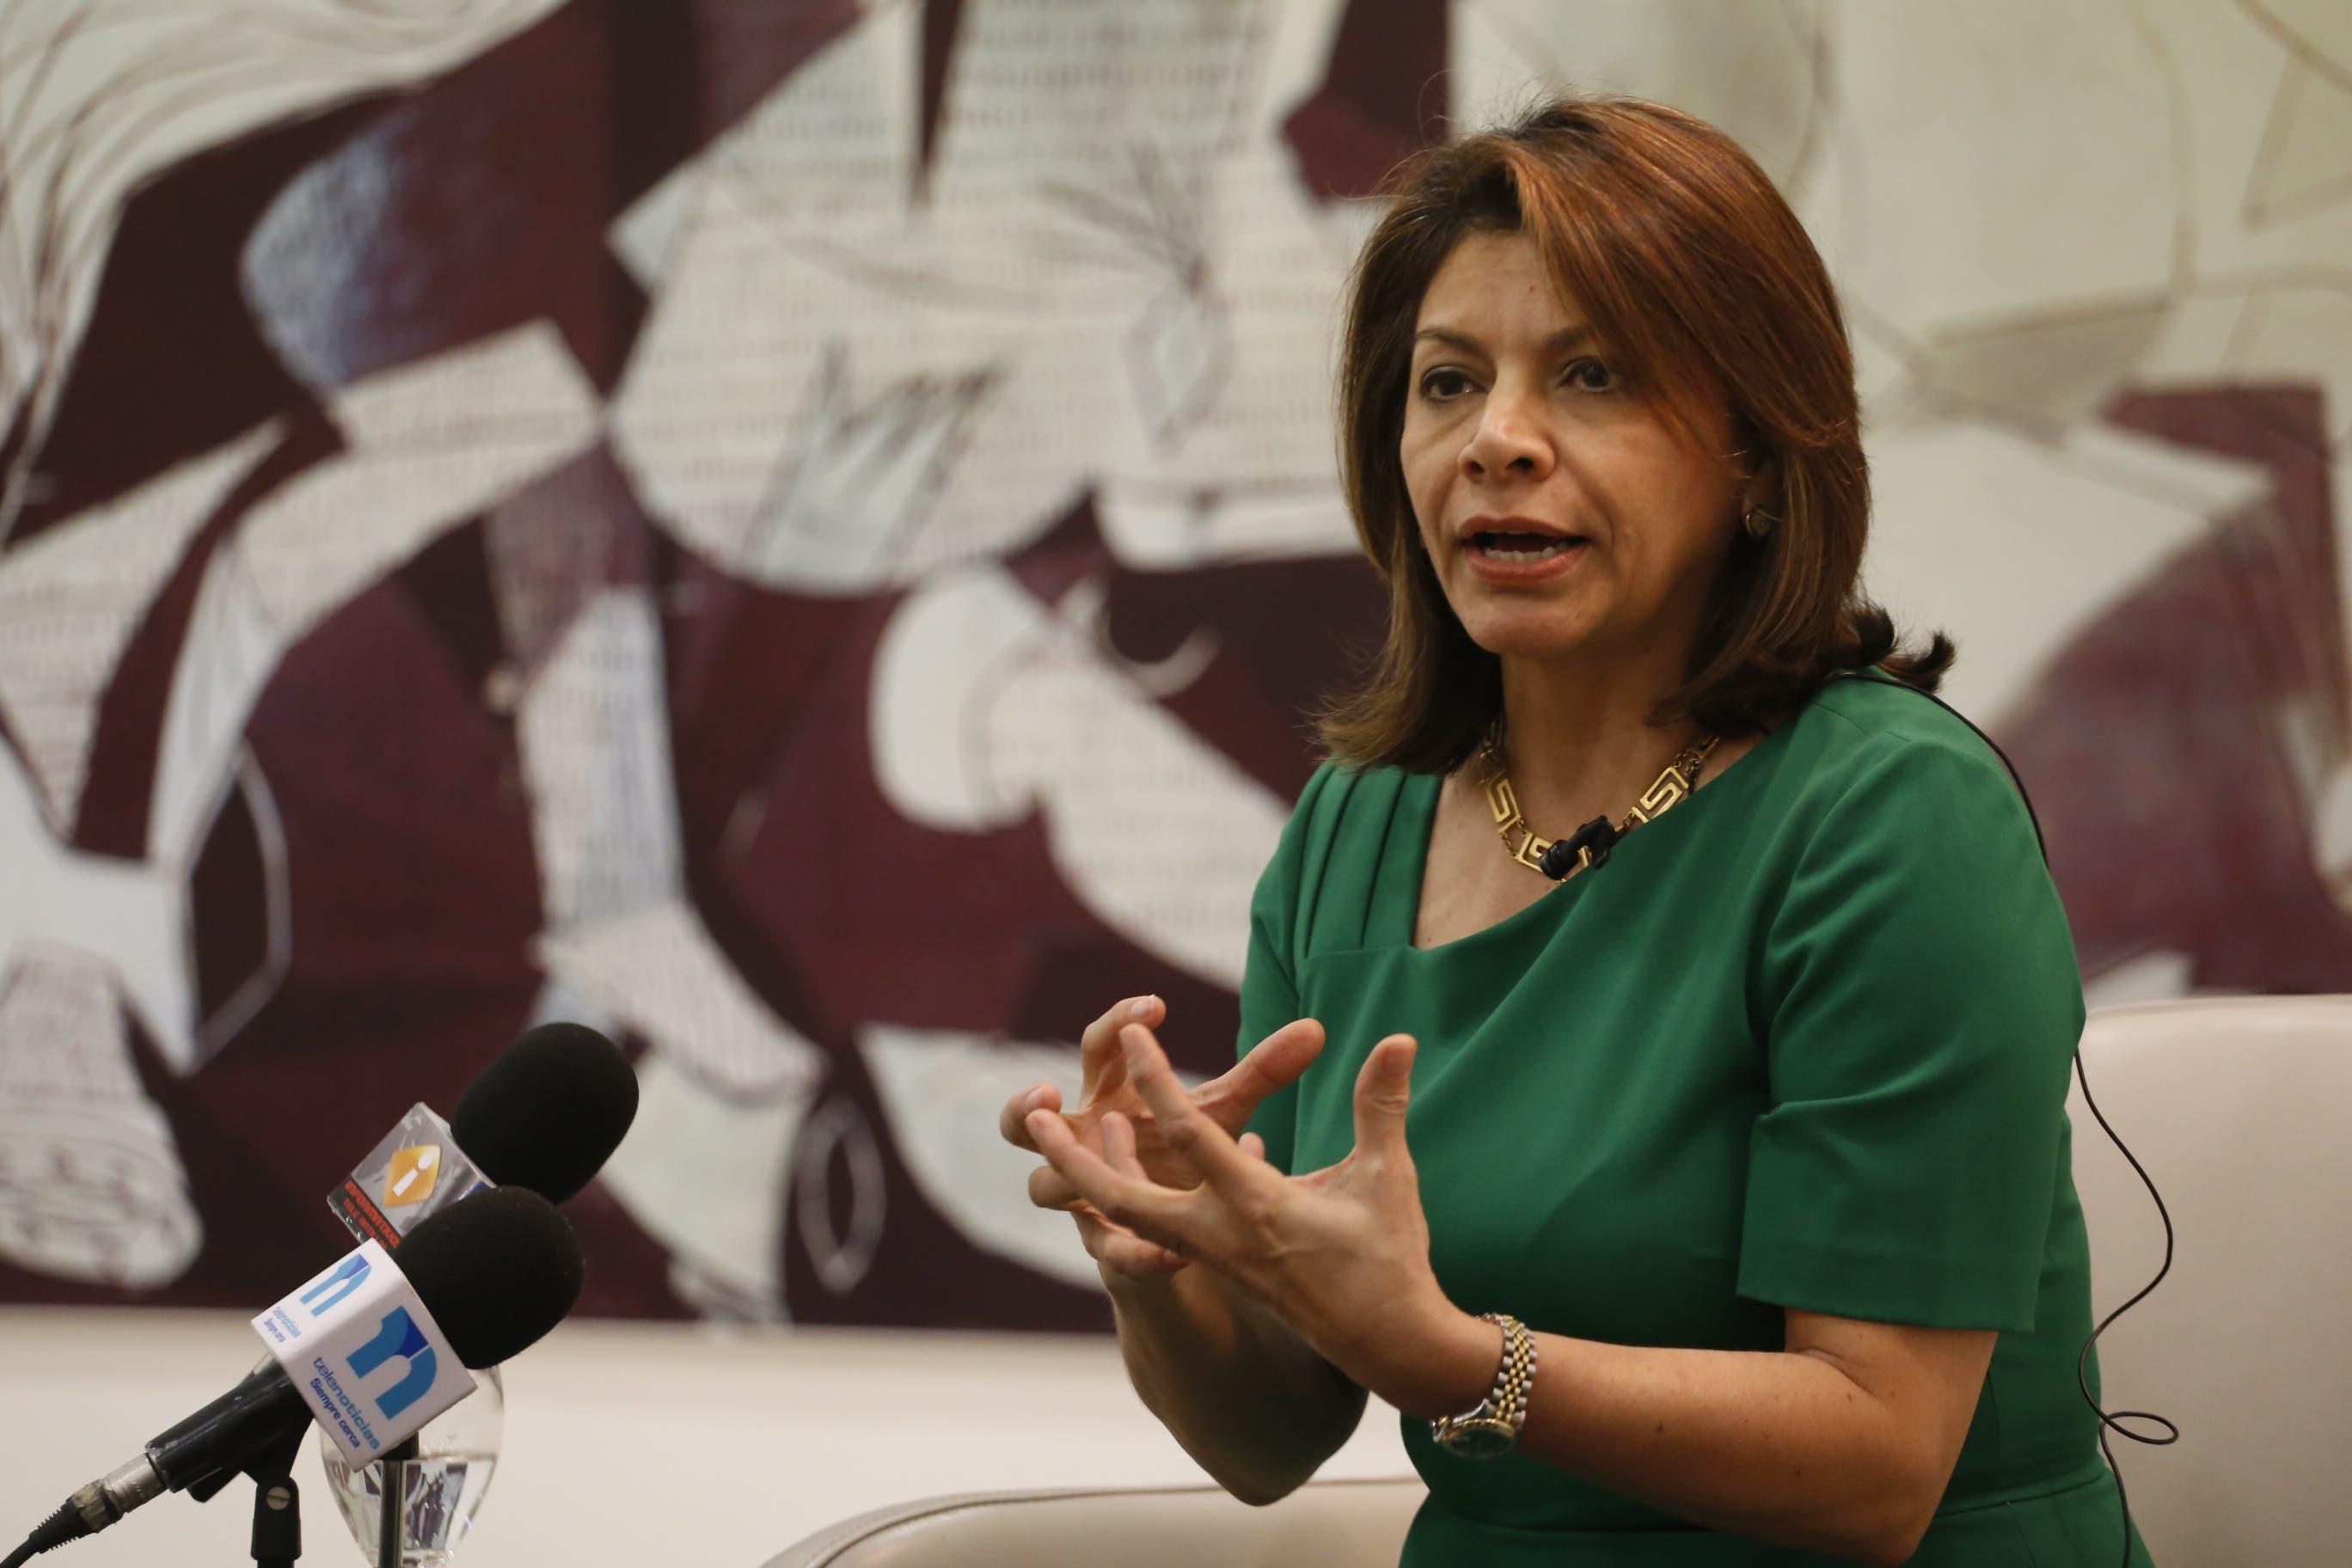 Conozca porqué Laura Chinchilla felicitó a RD pese a obtener último lugar en Informe PISA sobre Educación